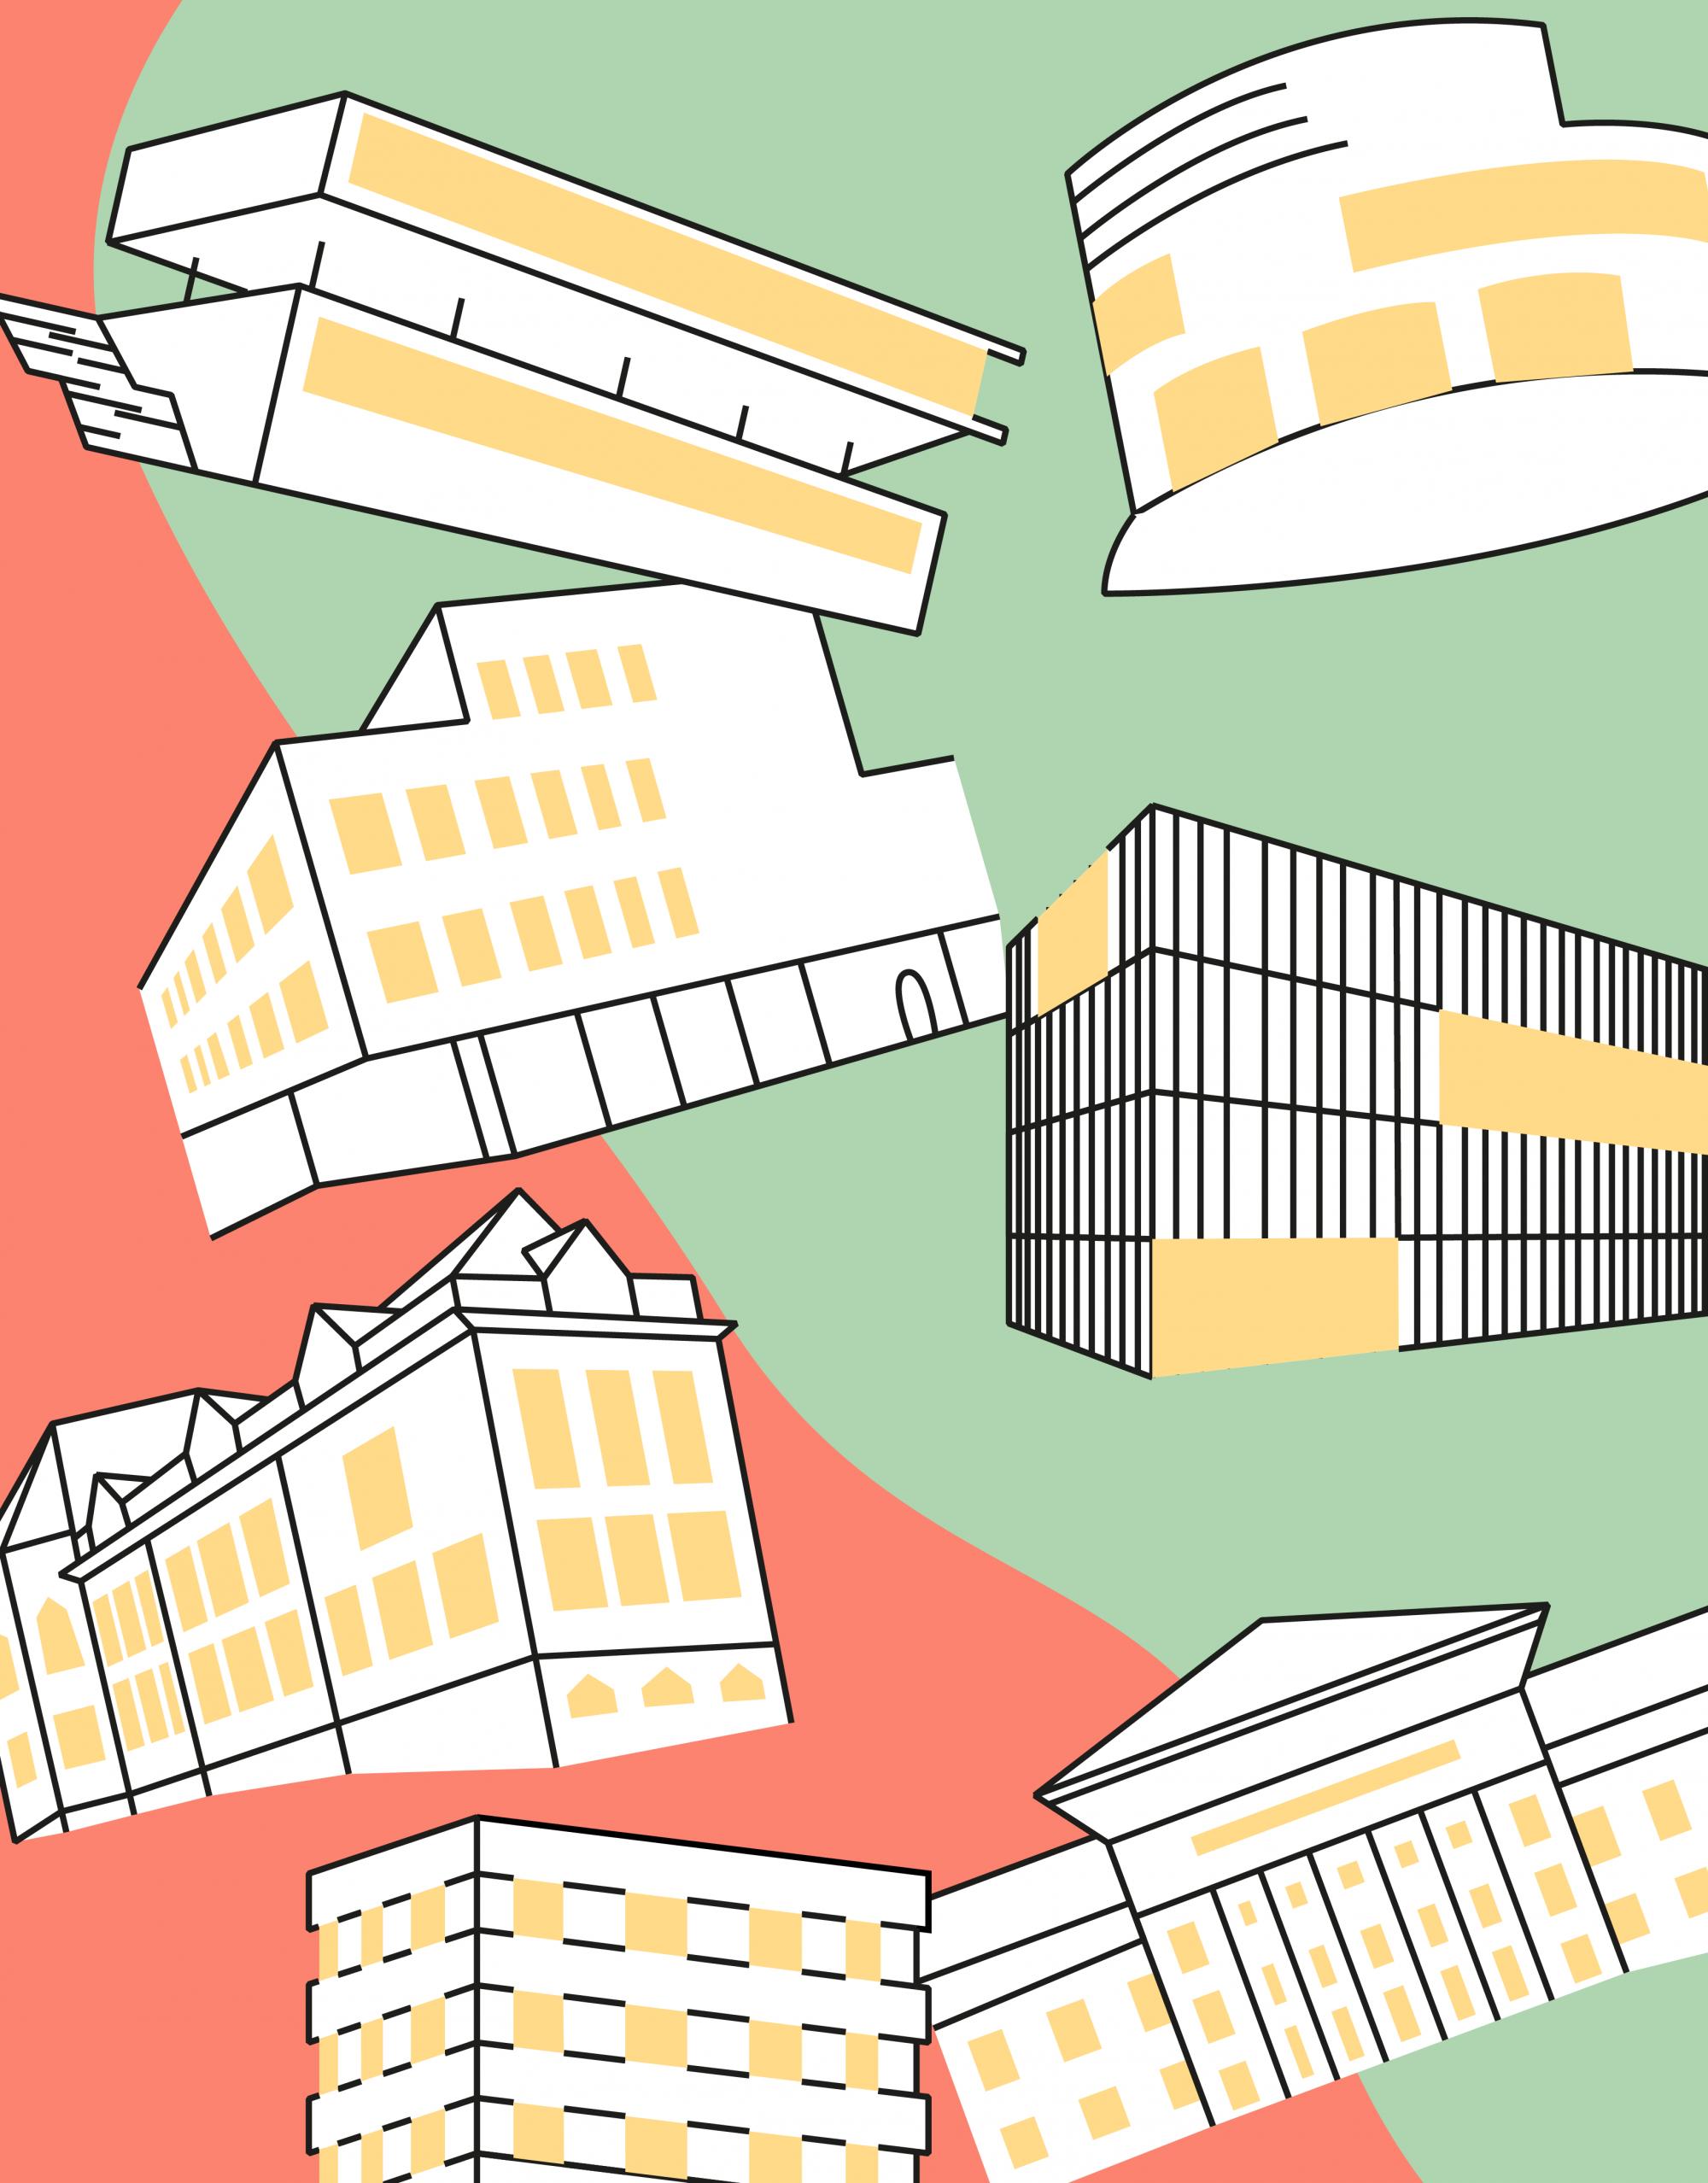 Viele verschiedene Gebäude sind illustratorisch dargestellt und durcheinander angeordnet worden.